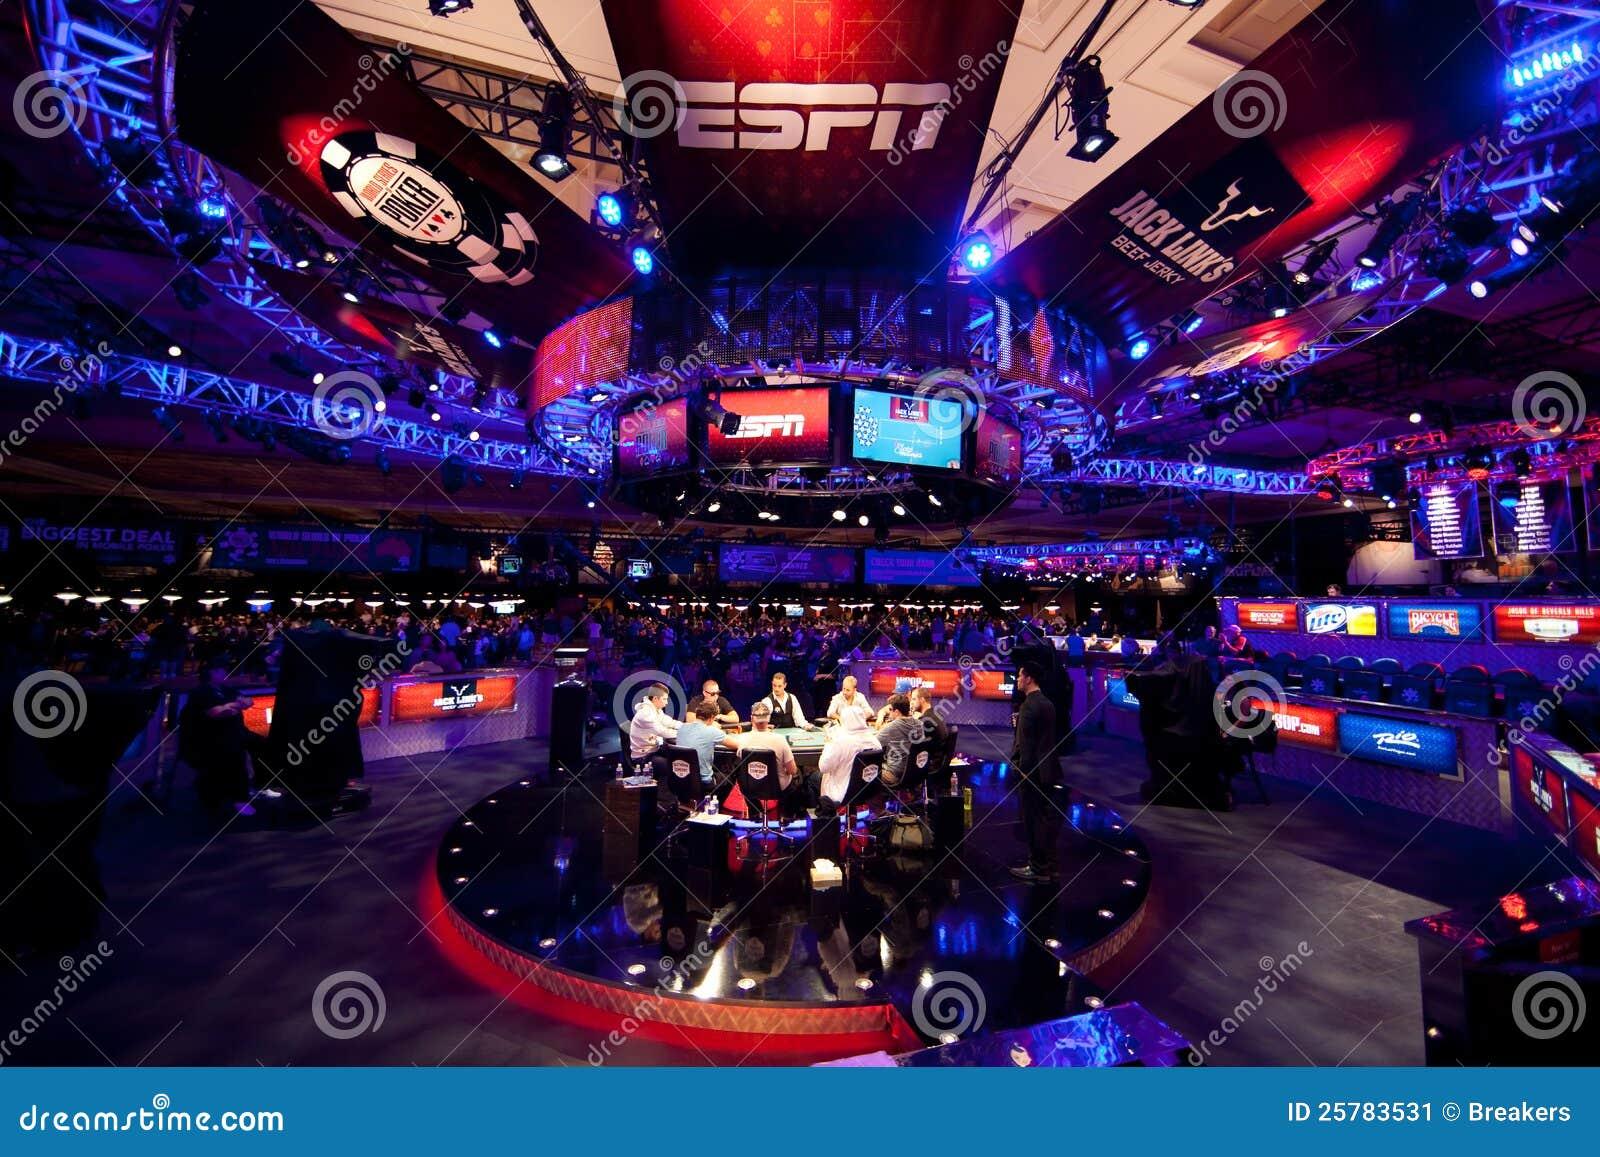 Casino serial economic improvement of indian casinos